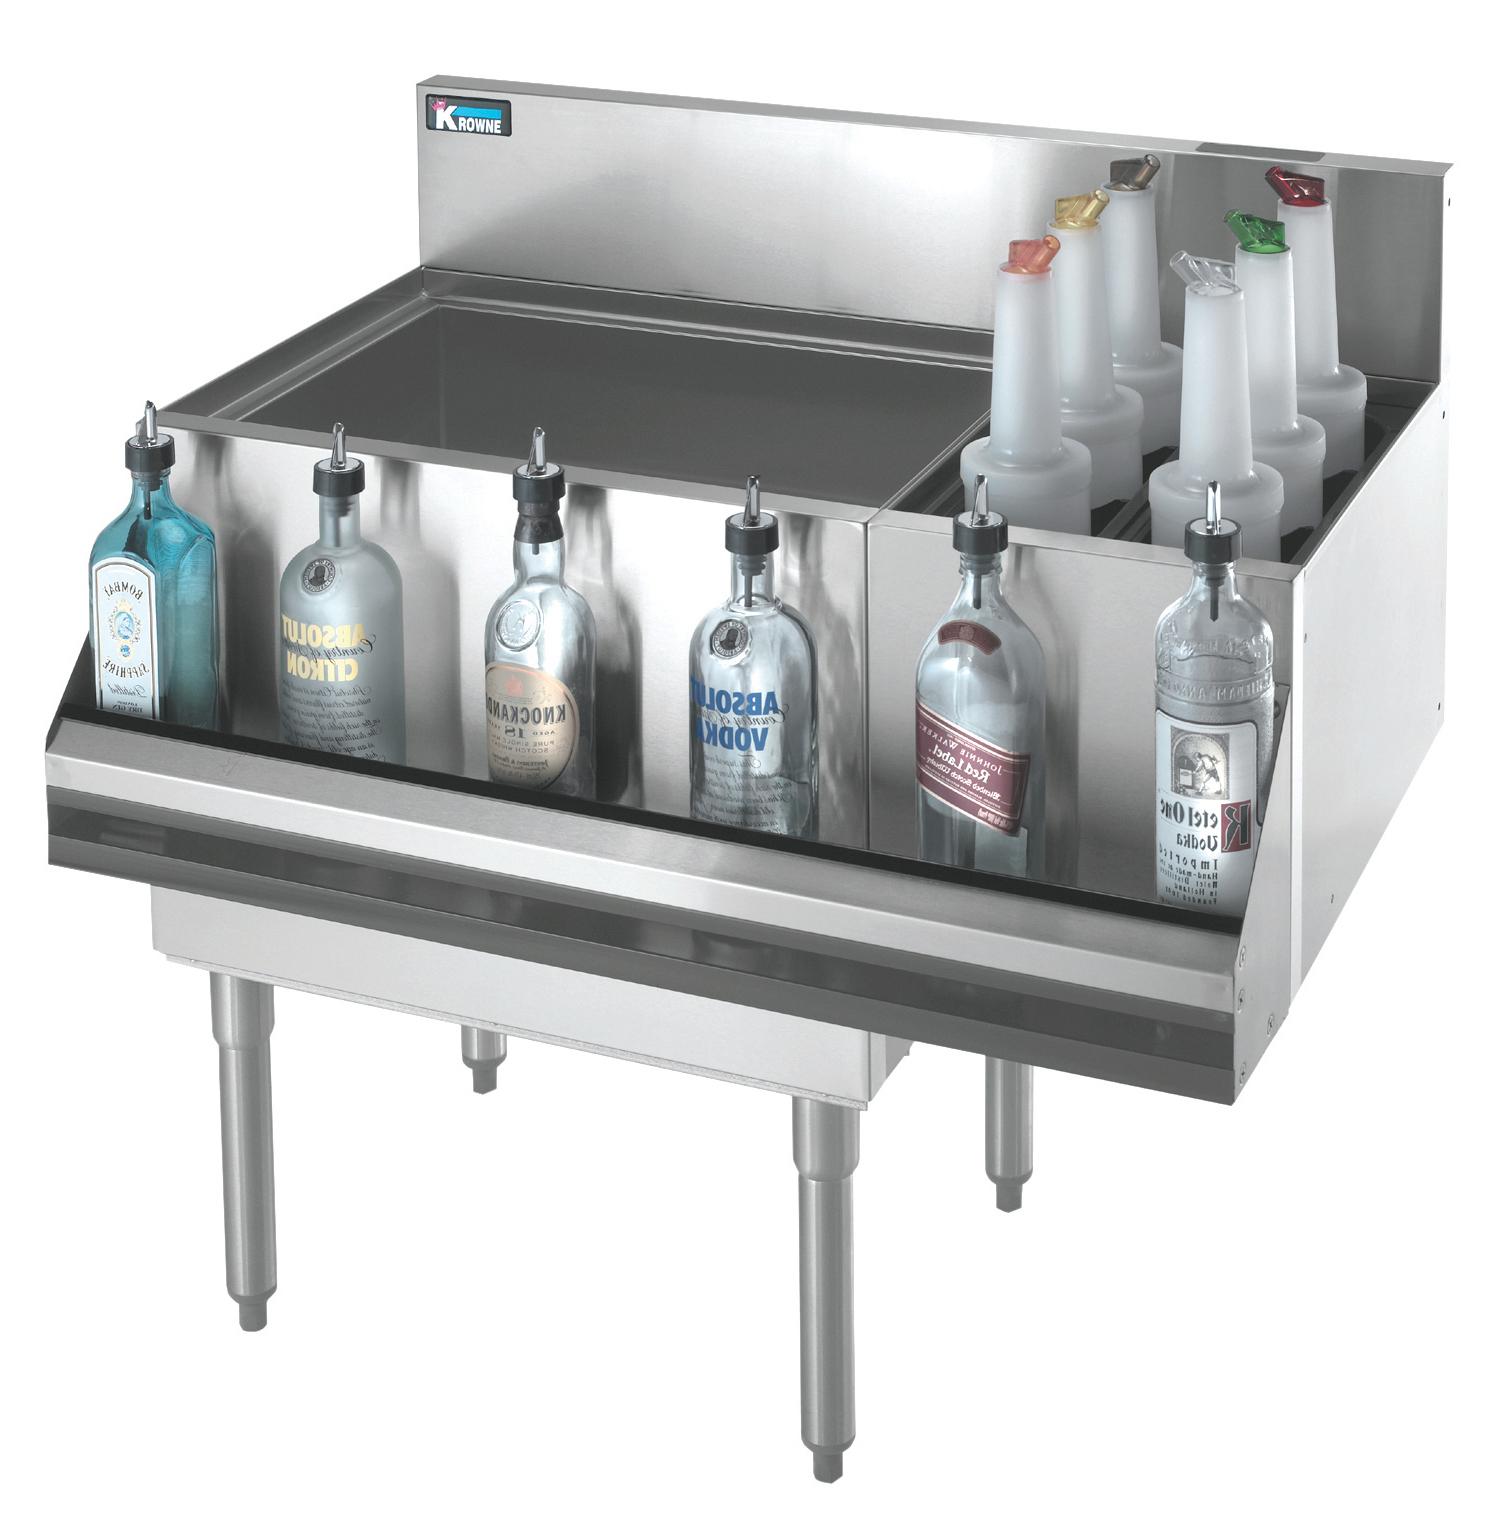 Krowne Metal KR18-M48L-10 underbar ice bin/cocktail station, bottle well bin